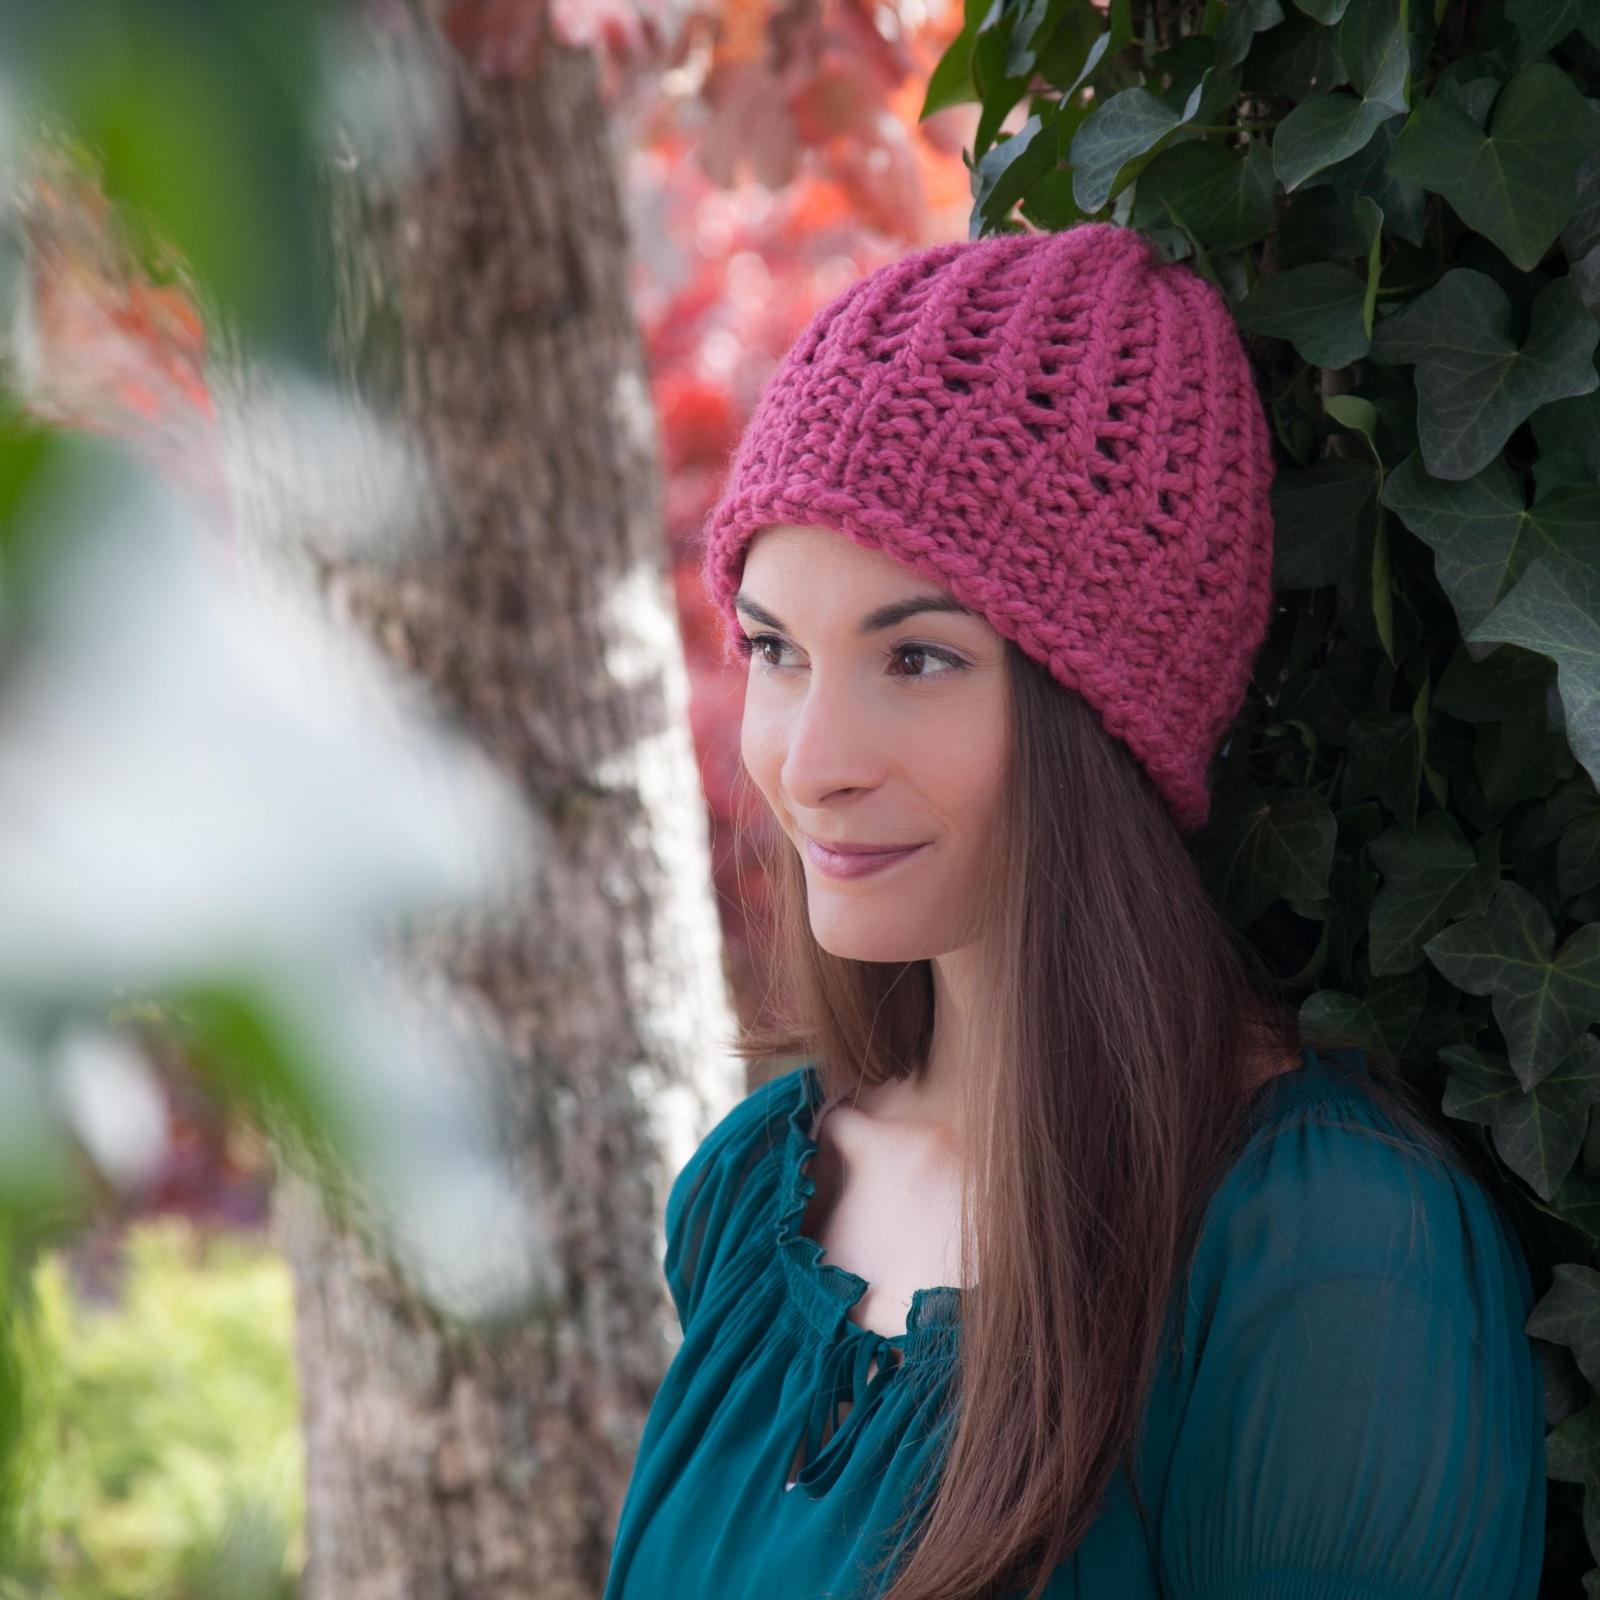 747a9c81426 Loom Knit Eyelet Lace Hat Pattern